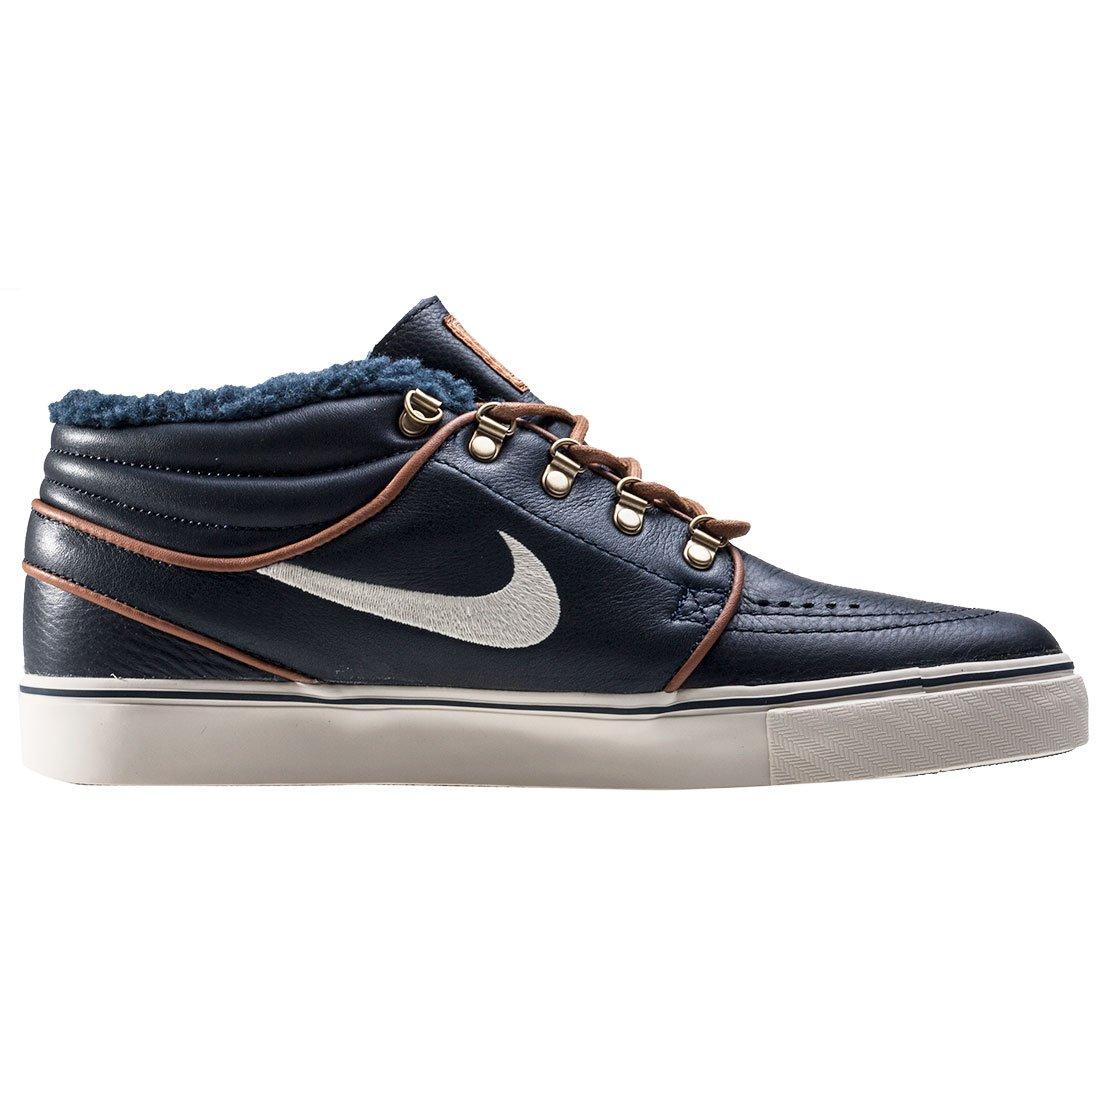 Nike Zoom Zoom Zoom Stefan Janoski MD Pr, Scarpe da Skateboard Uomo B0072ZWPXG Parent | Ampie Varietà  | Costi Moderati  | Conveniente  | Molto apprezzato e ampiamente fidato dentro e fuori  | Il Prezzo Ragionevole  | Imballaggio elegante e robusto  a35b7b